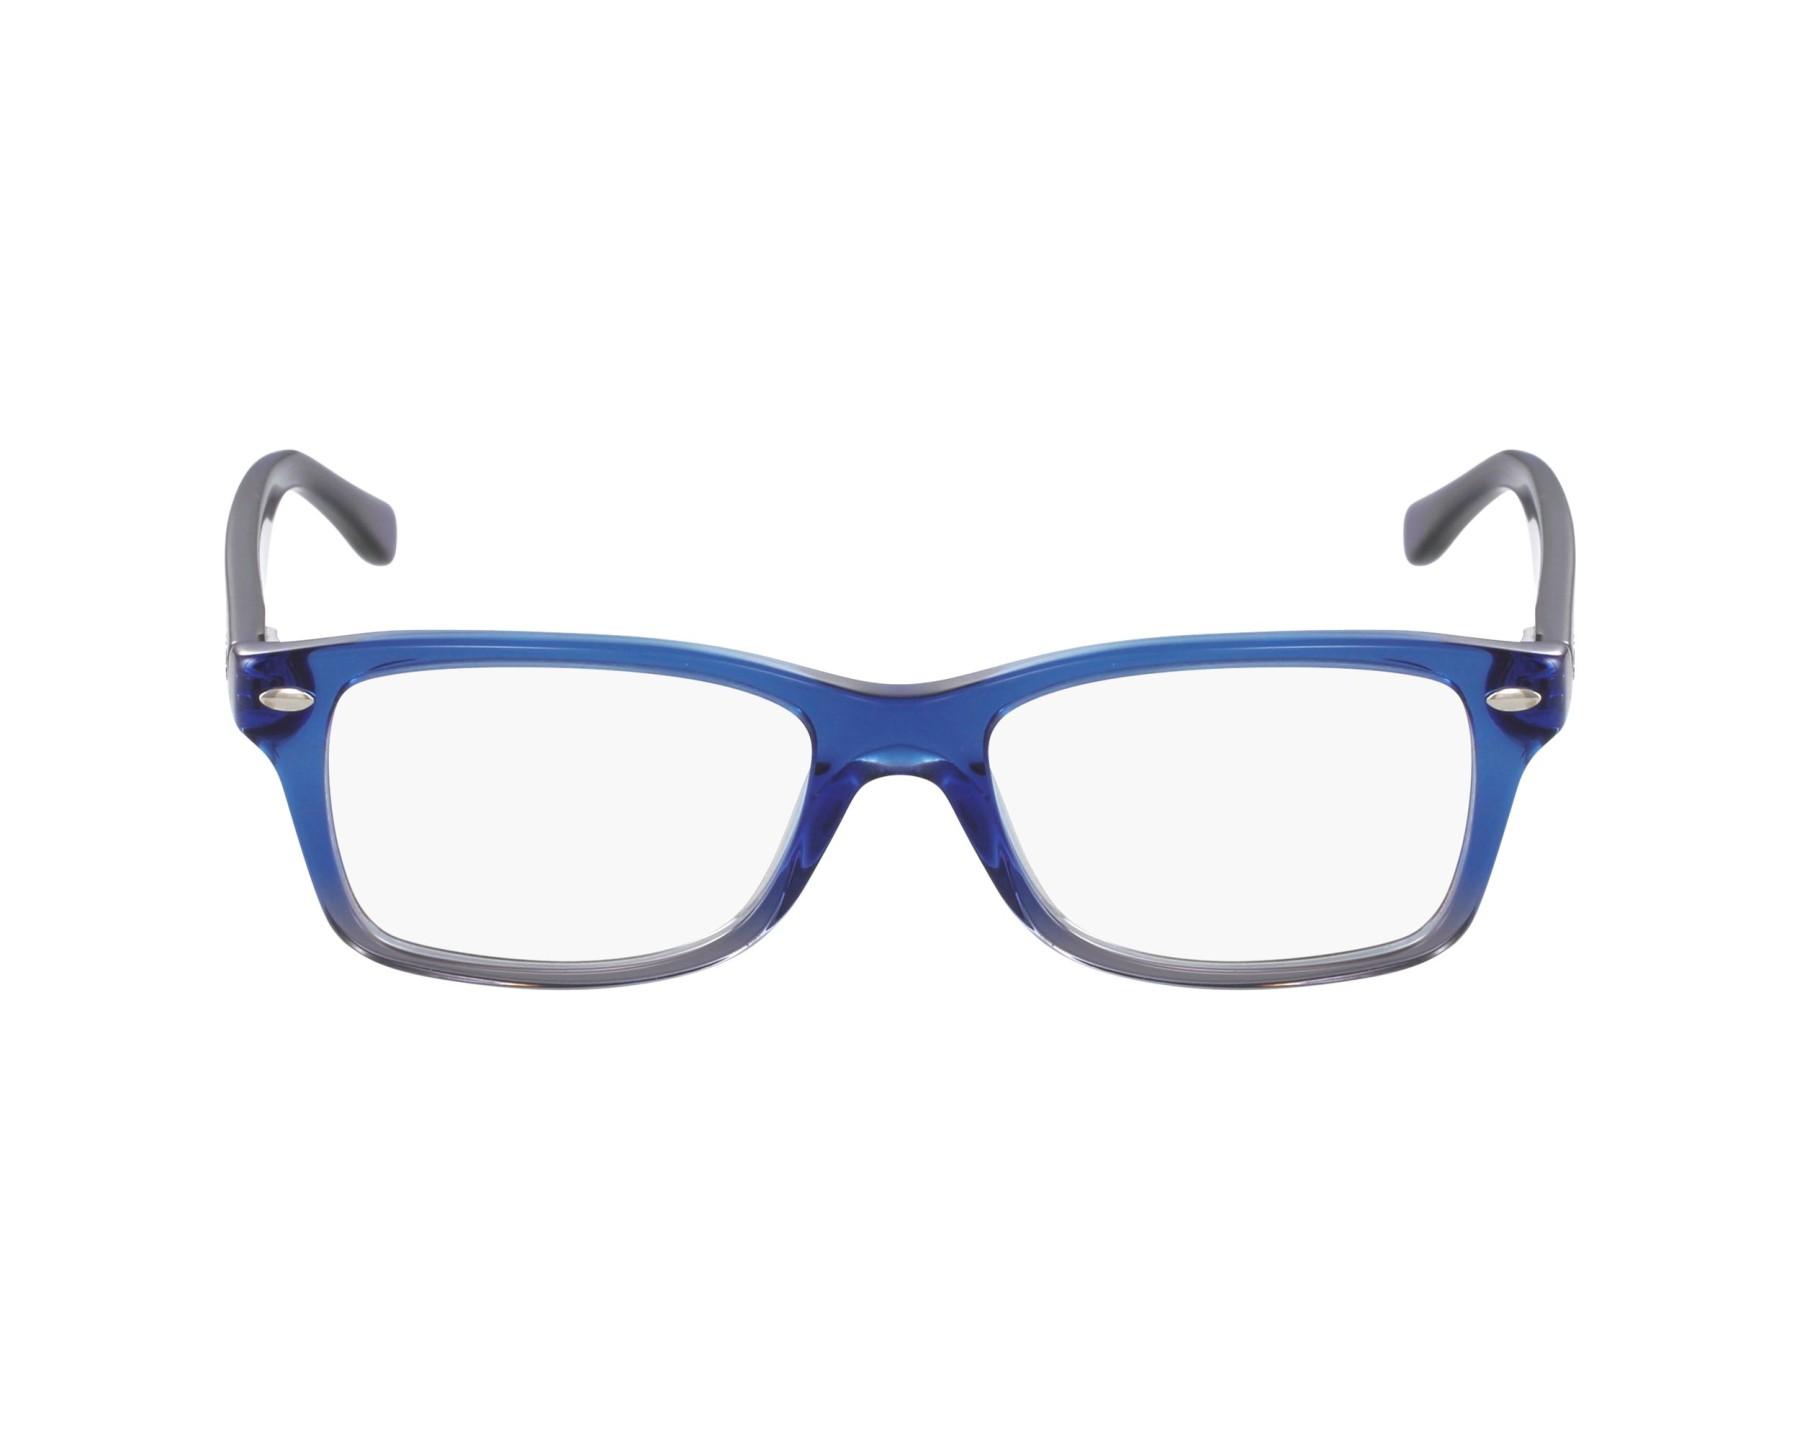 a94ff407b0 Brillen Ray-Ban RY-1531 3647 - blau grau Profilansicht